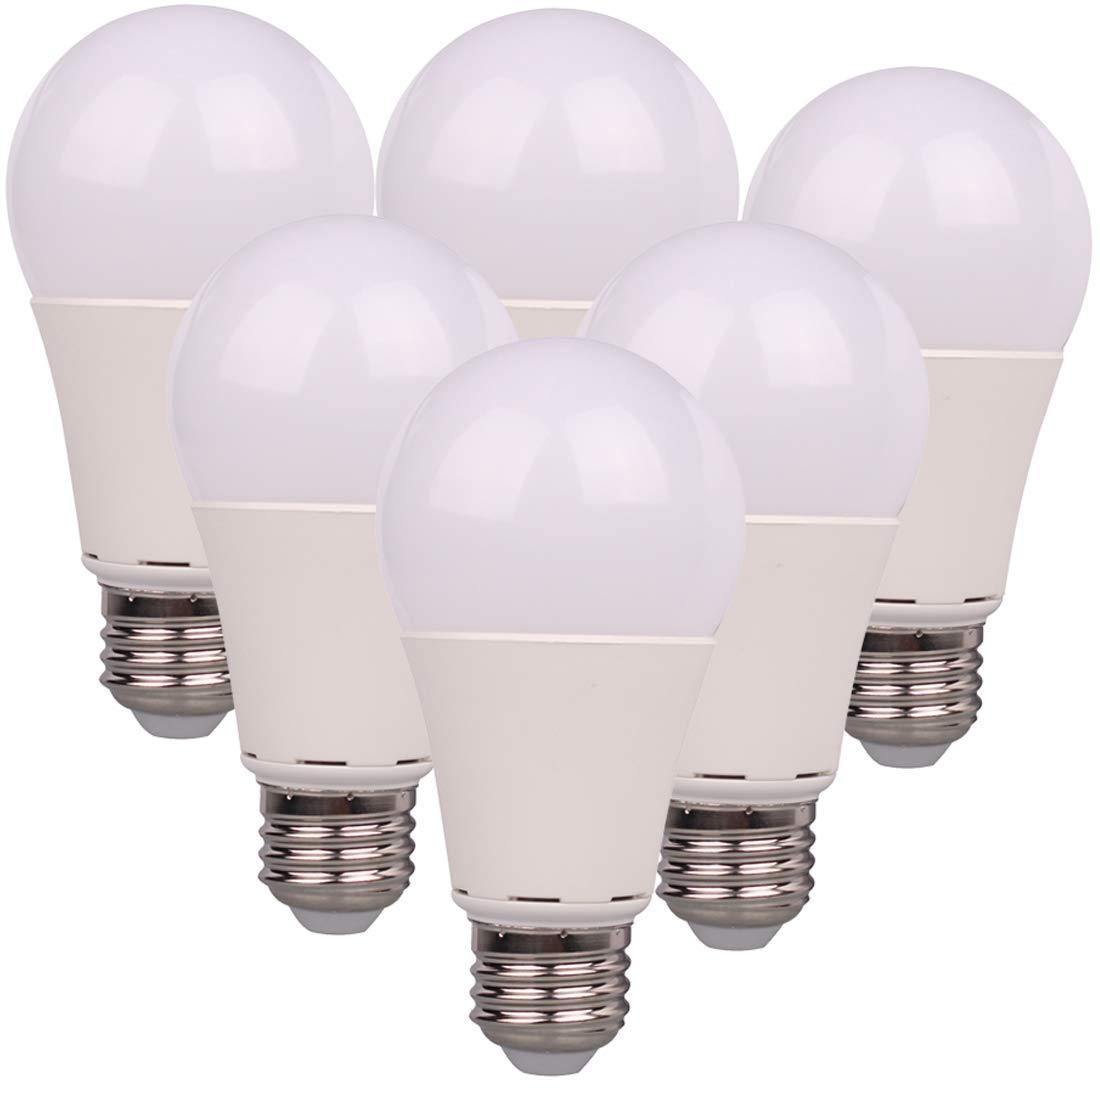 12v led bulb e26 7w 700lm low voltage lights ac11 18v dc 12 24v e27 a19 lamp 60 watt halogen bulb equivalent 12 volt battery power system interior off